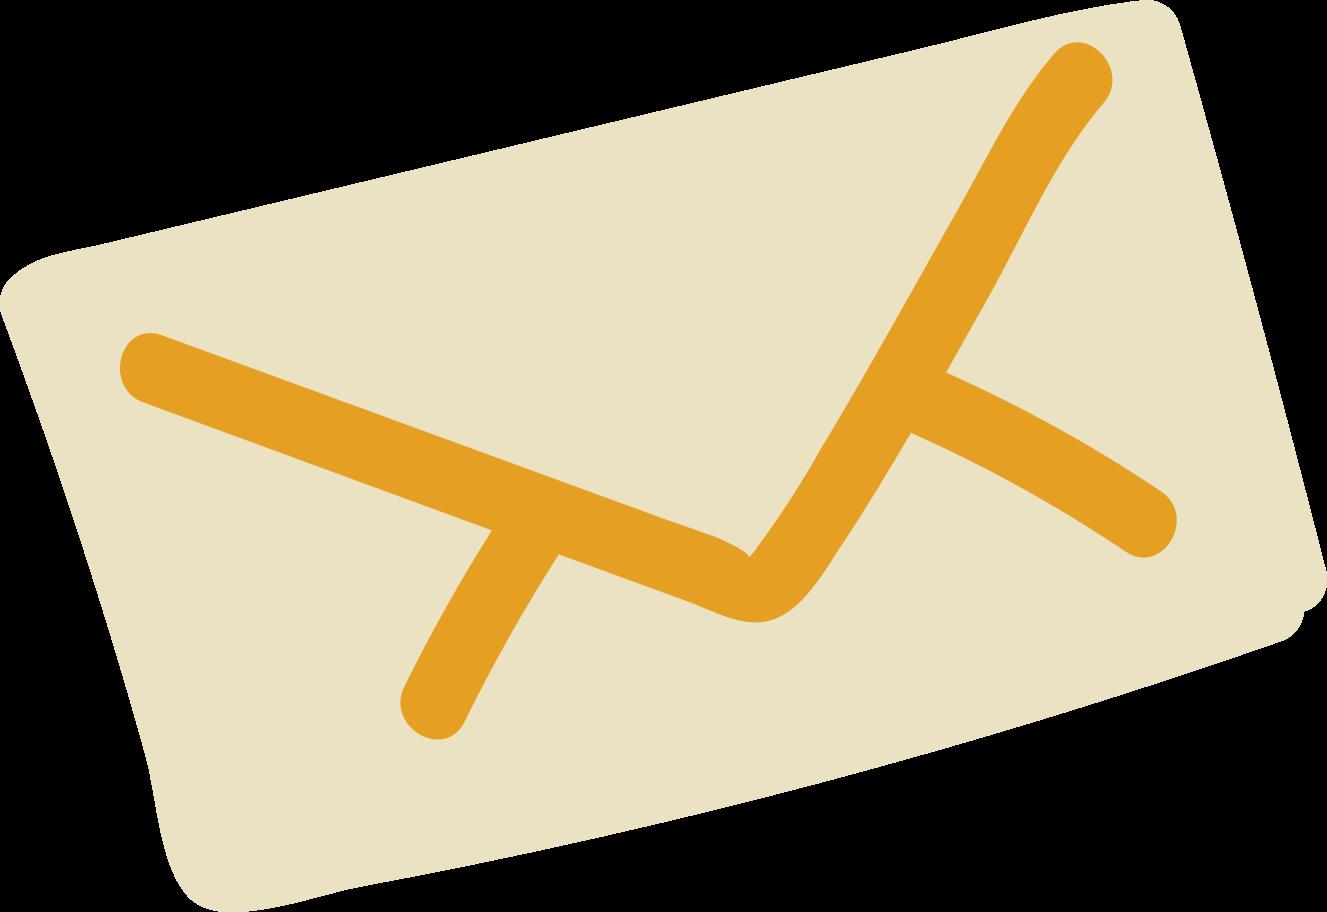 postal envelope Clipart illustration in PNG, SVG